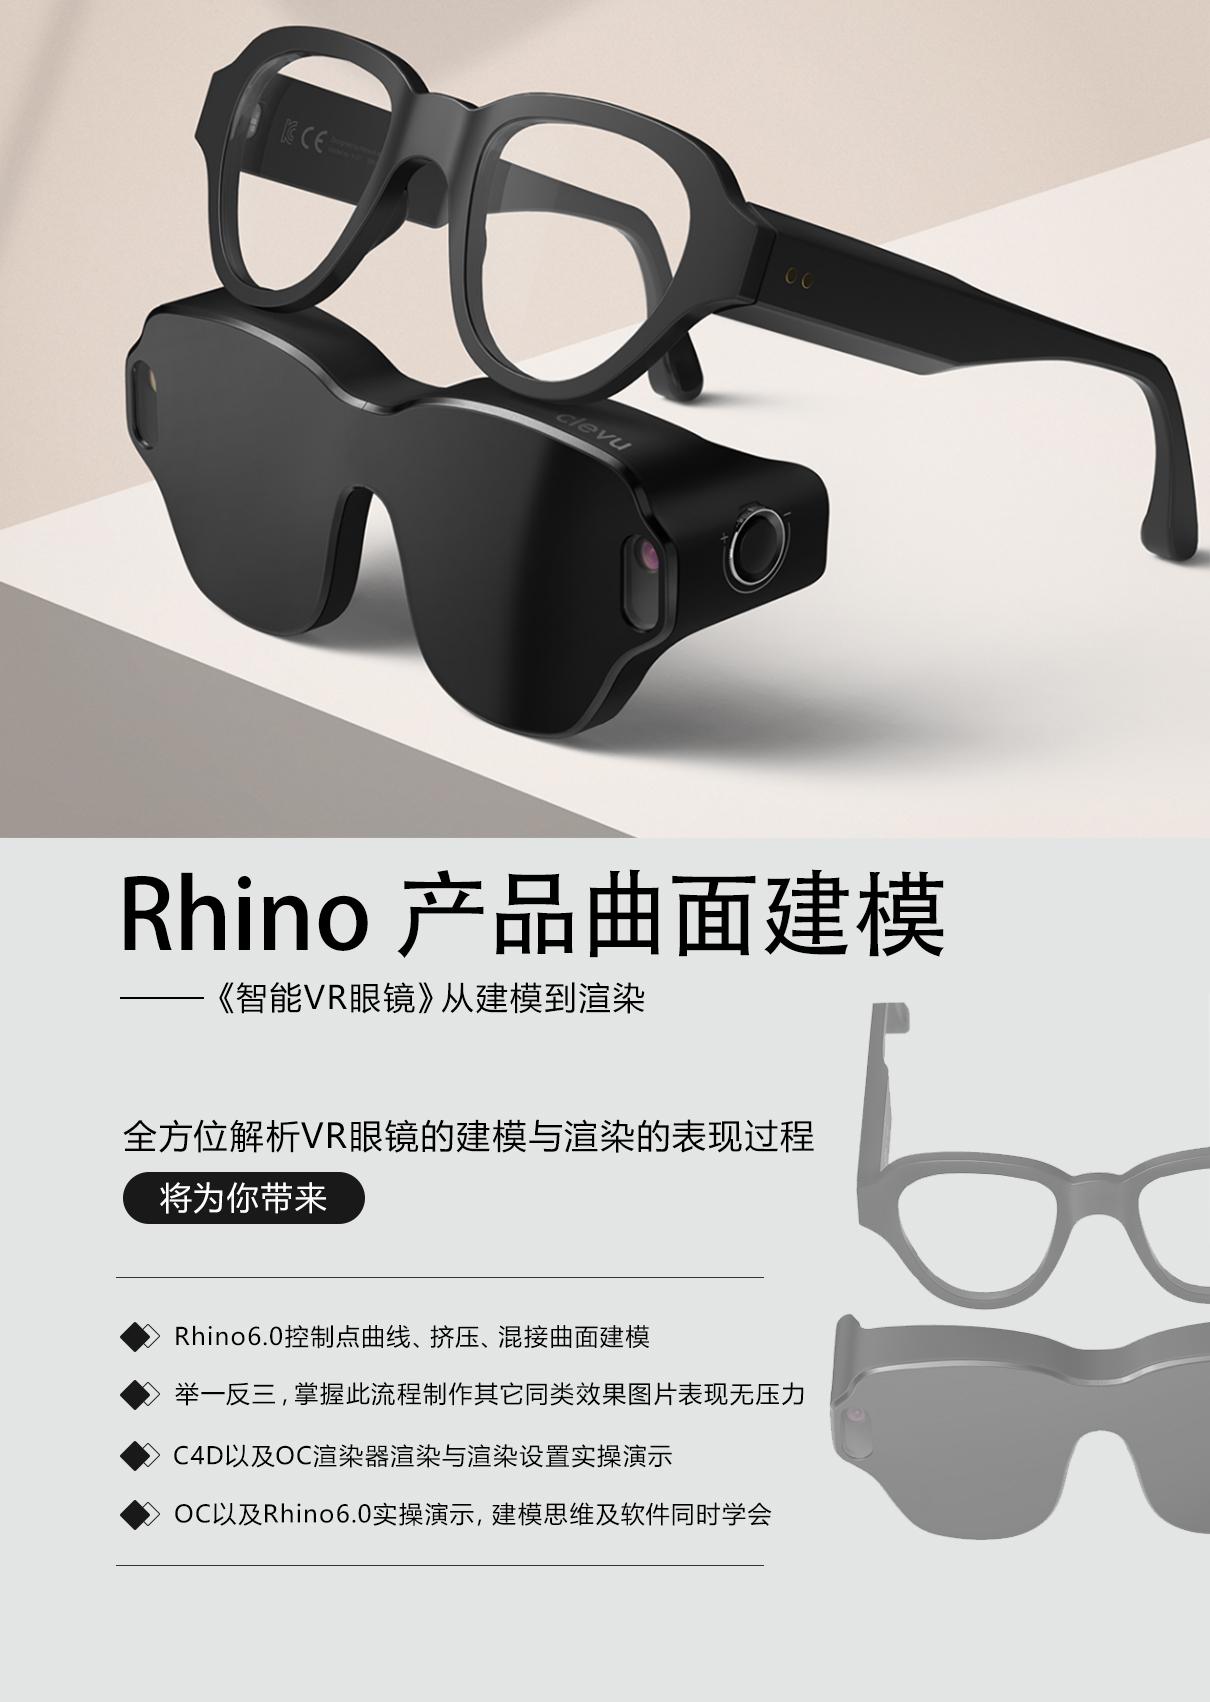 Rhino产品曲面建模